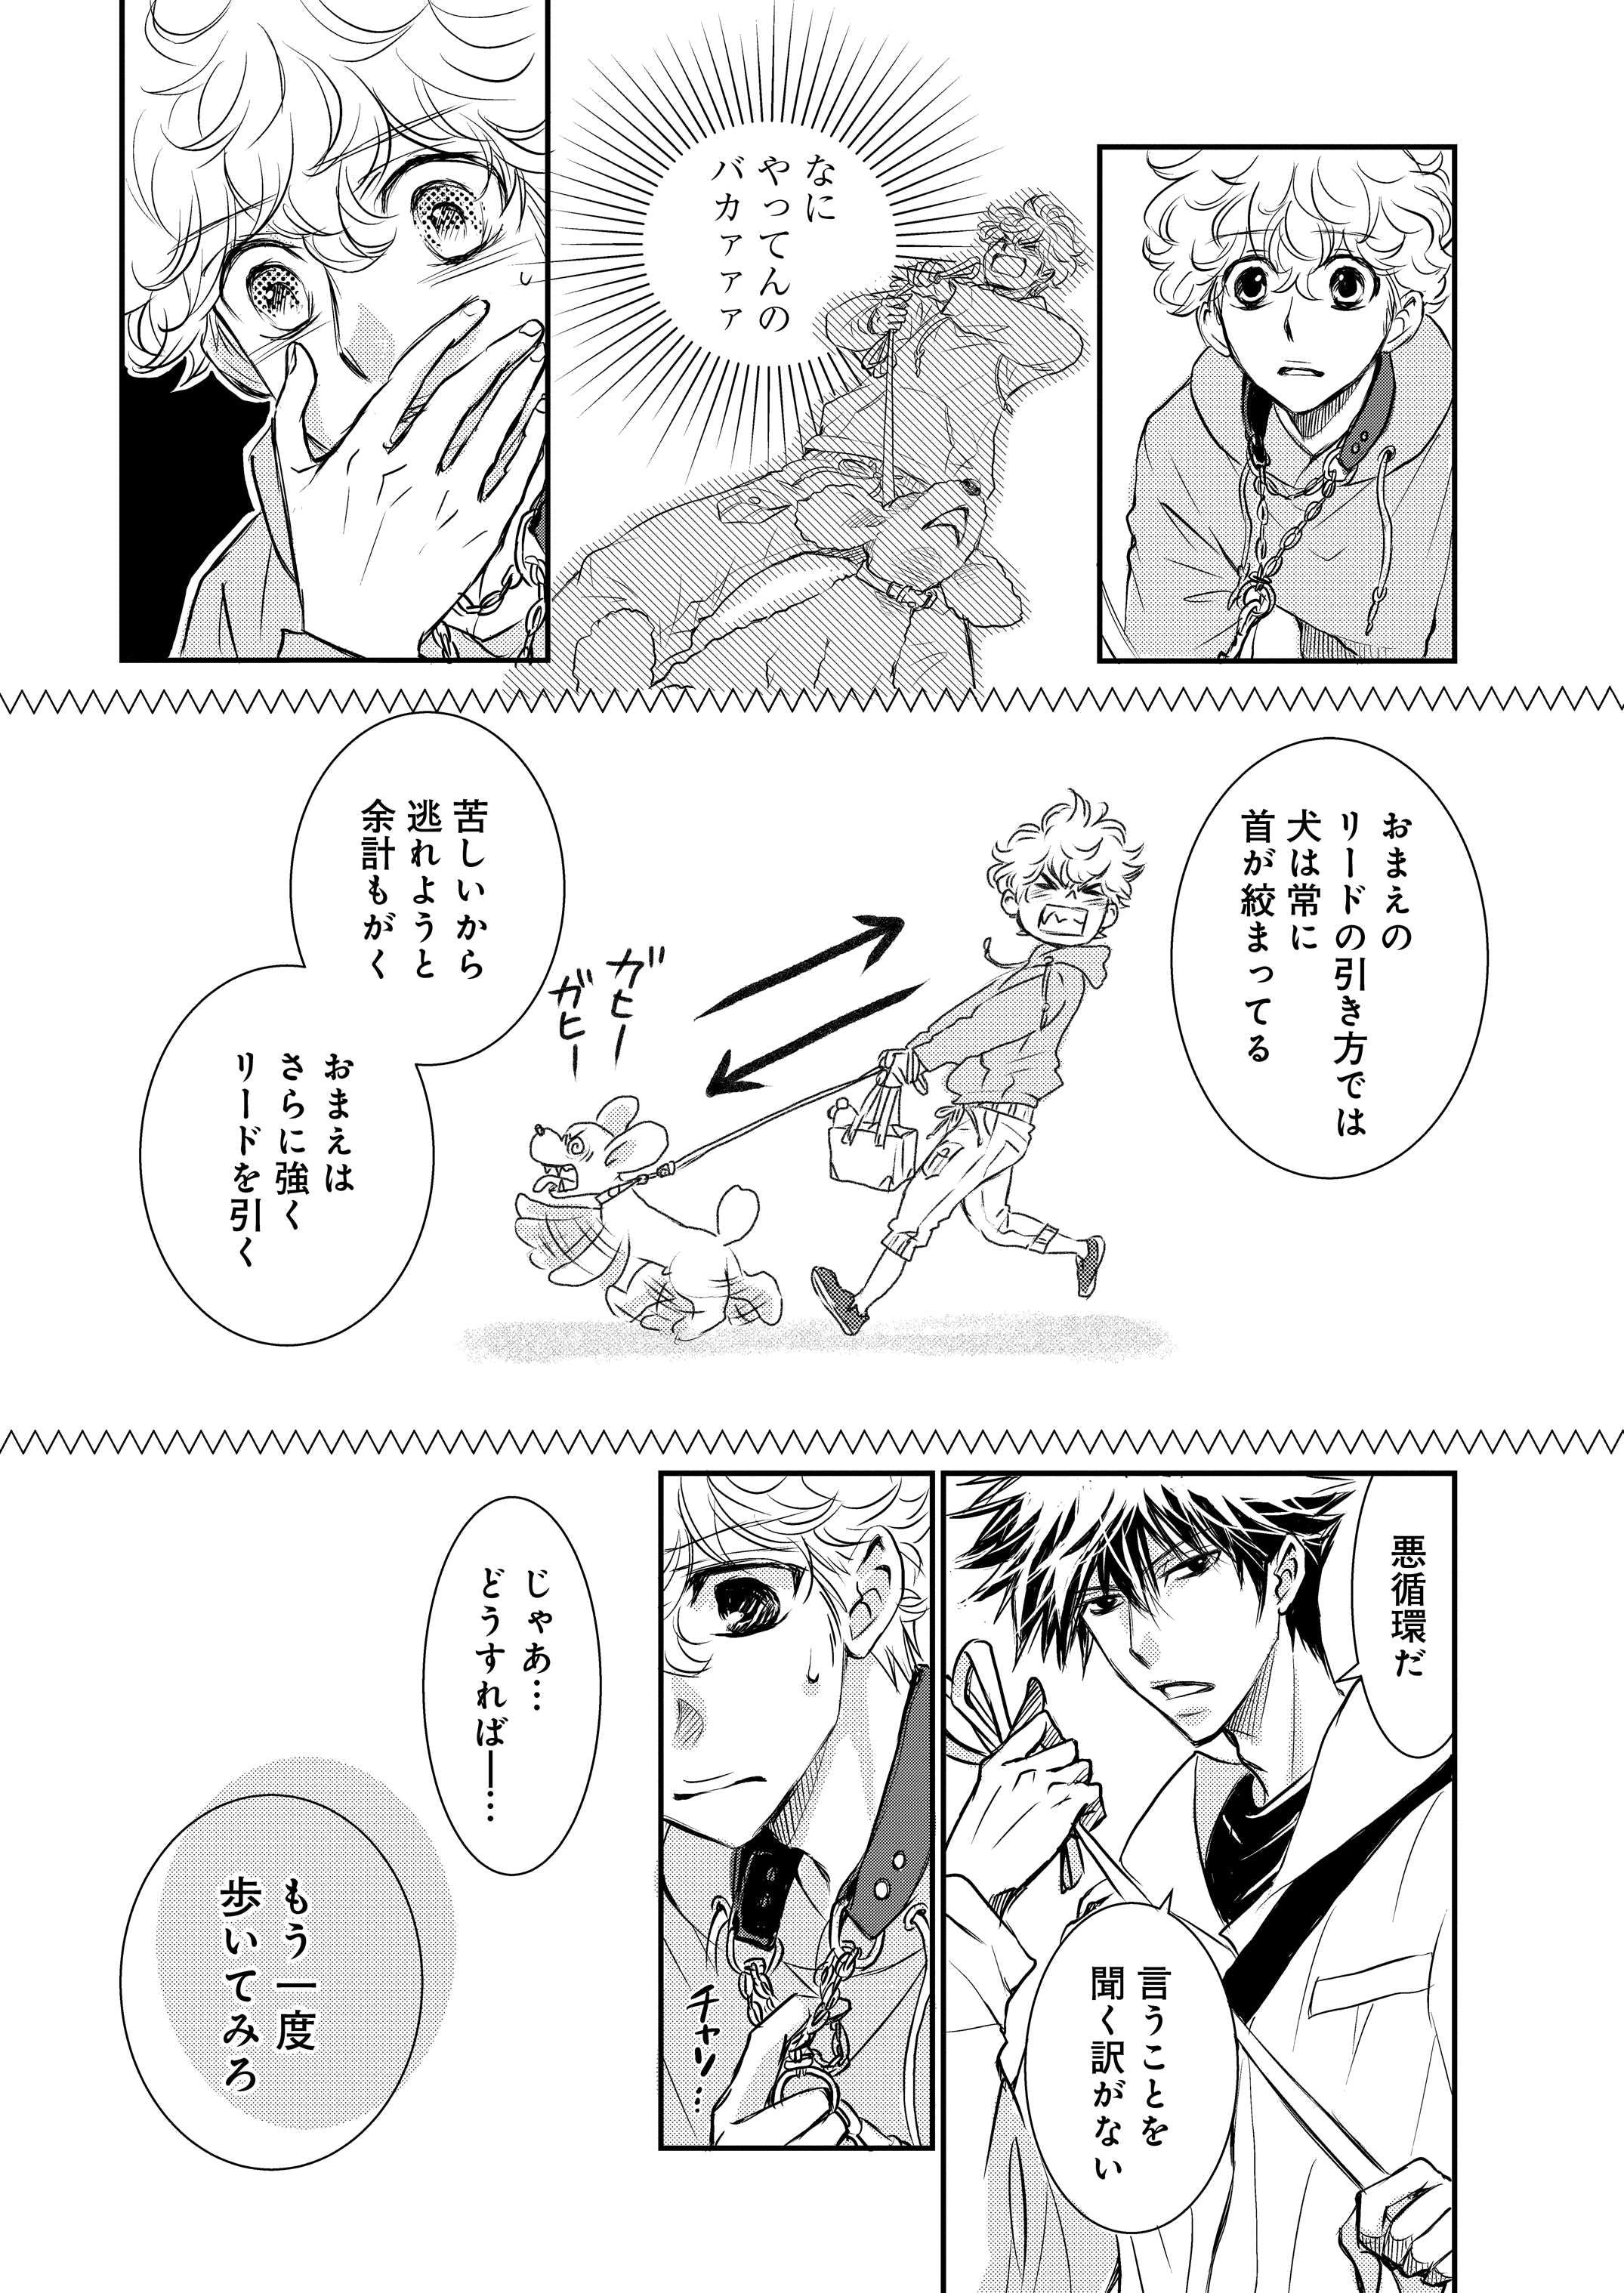 【新連載】『DOG SIGNAL』1話目③ 3ページ目